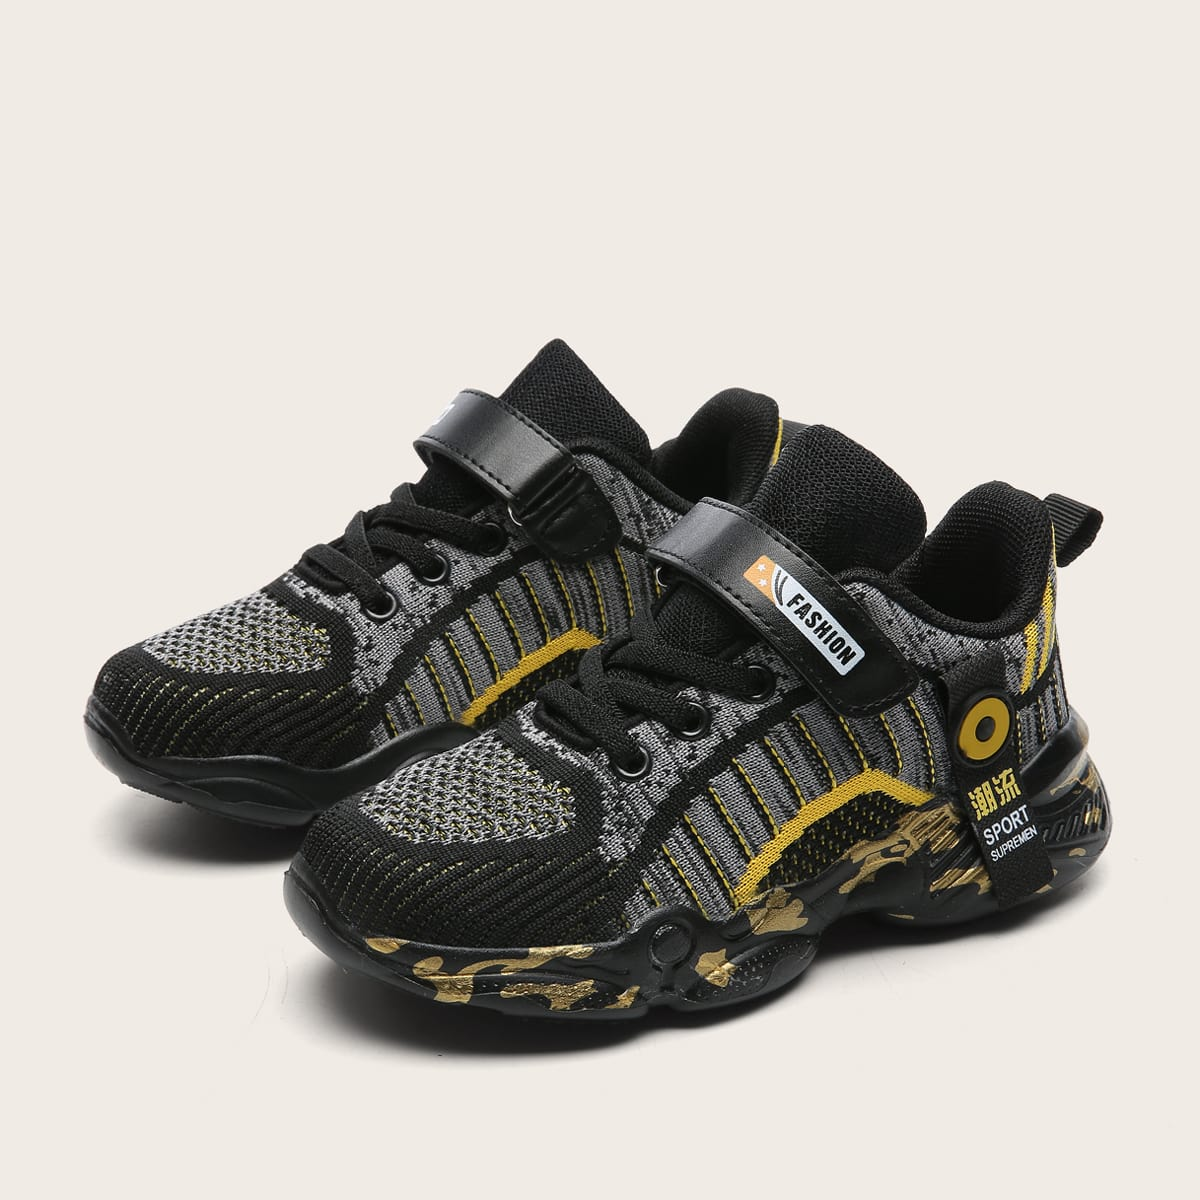 Трикотажные кроссовки с текстовым принтом для мальчиков